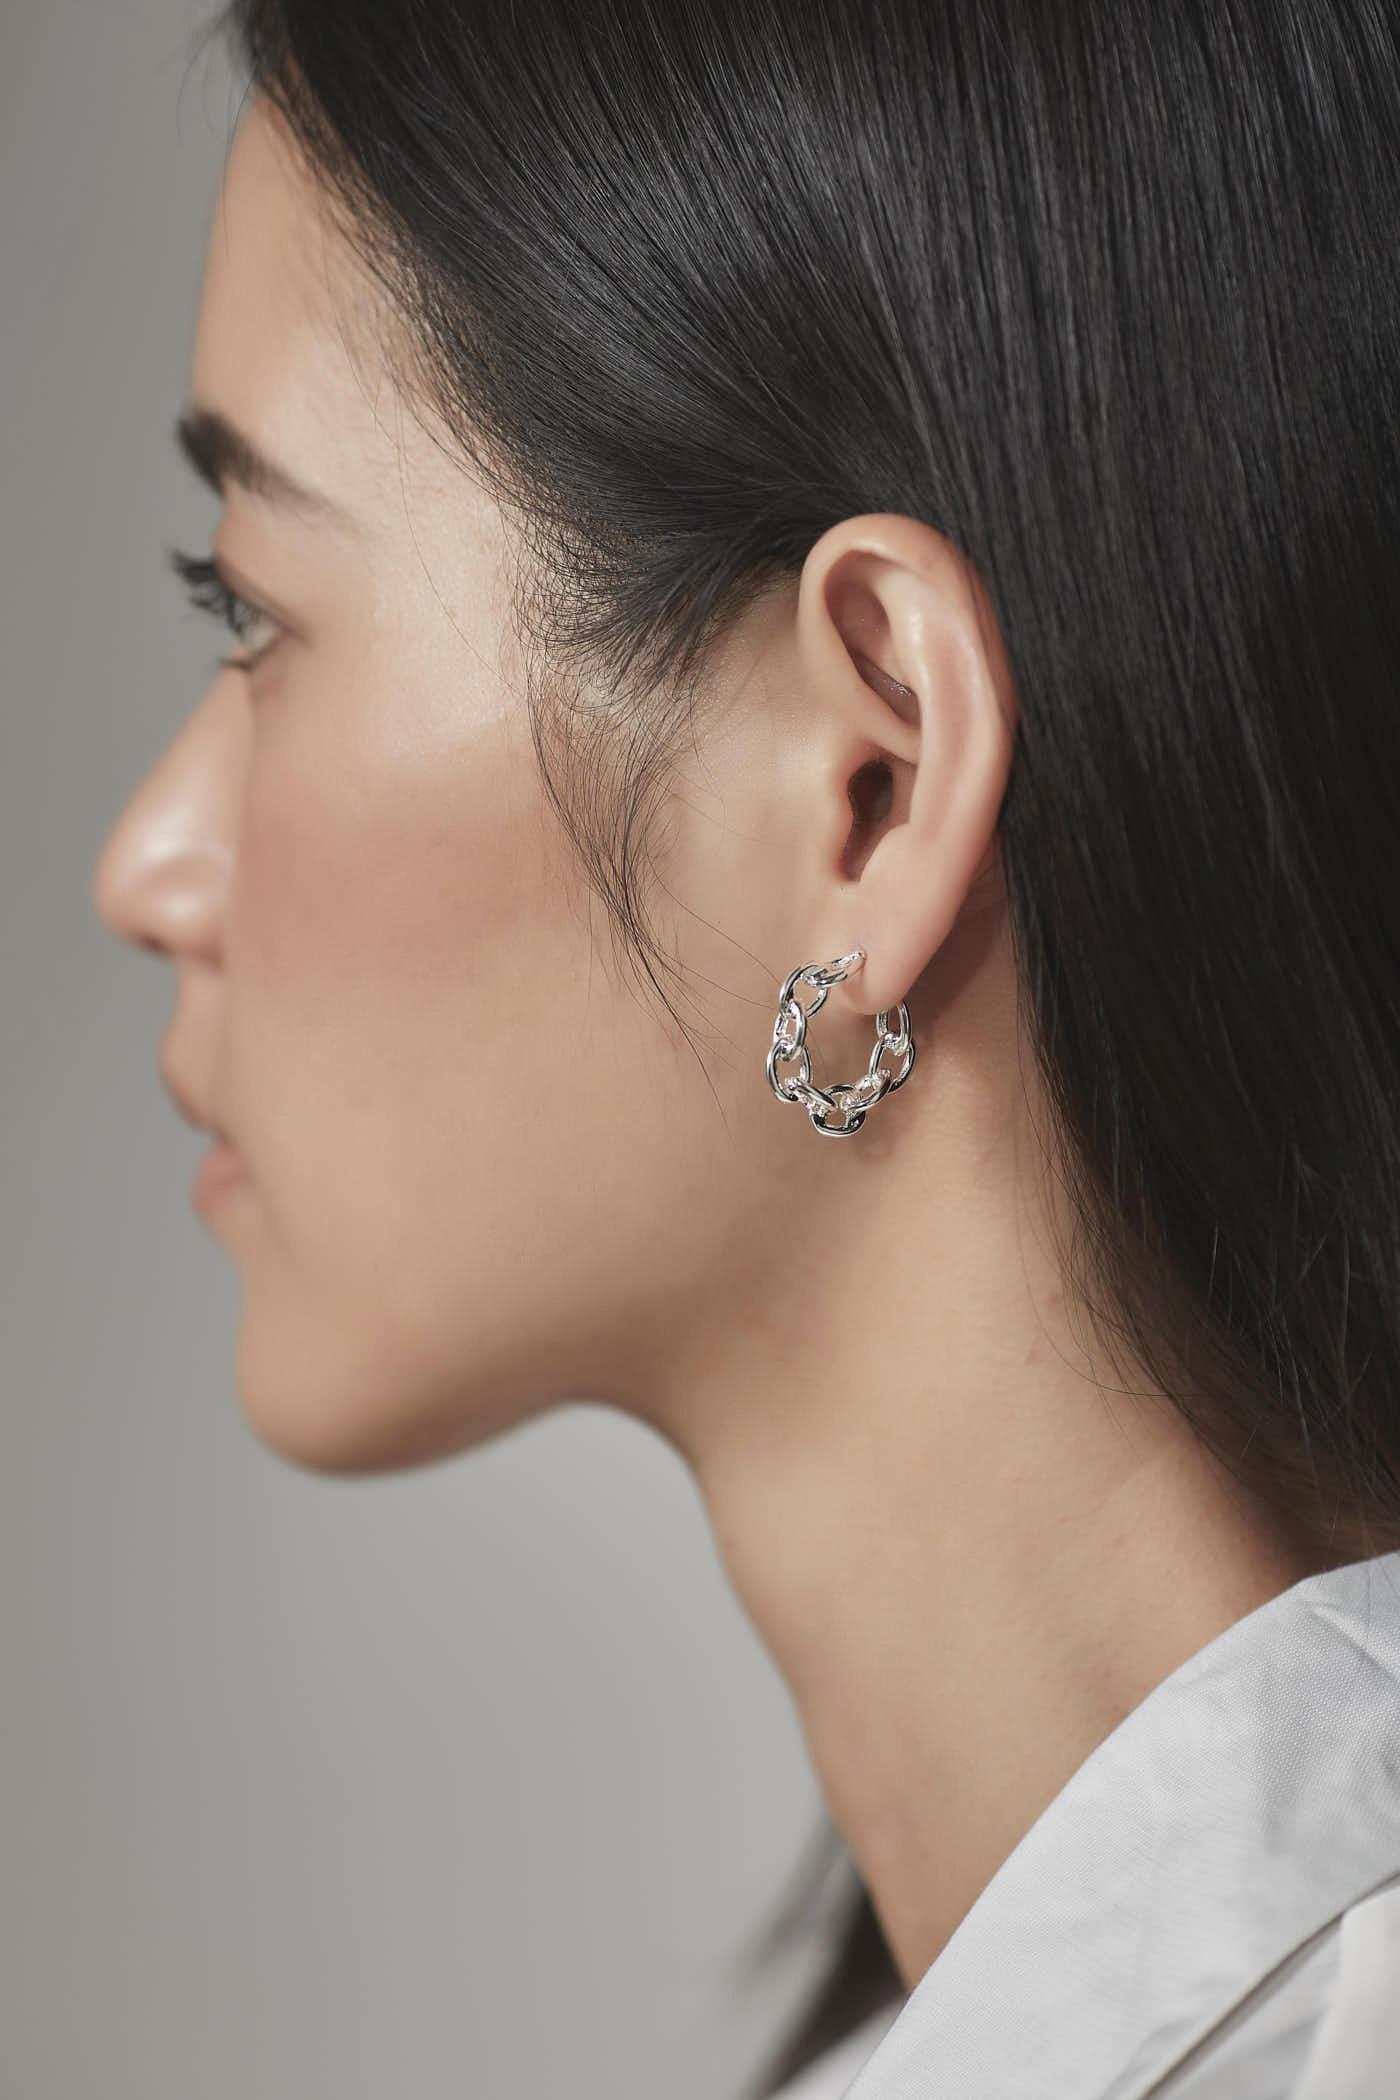 Daylin Earrings